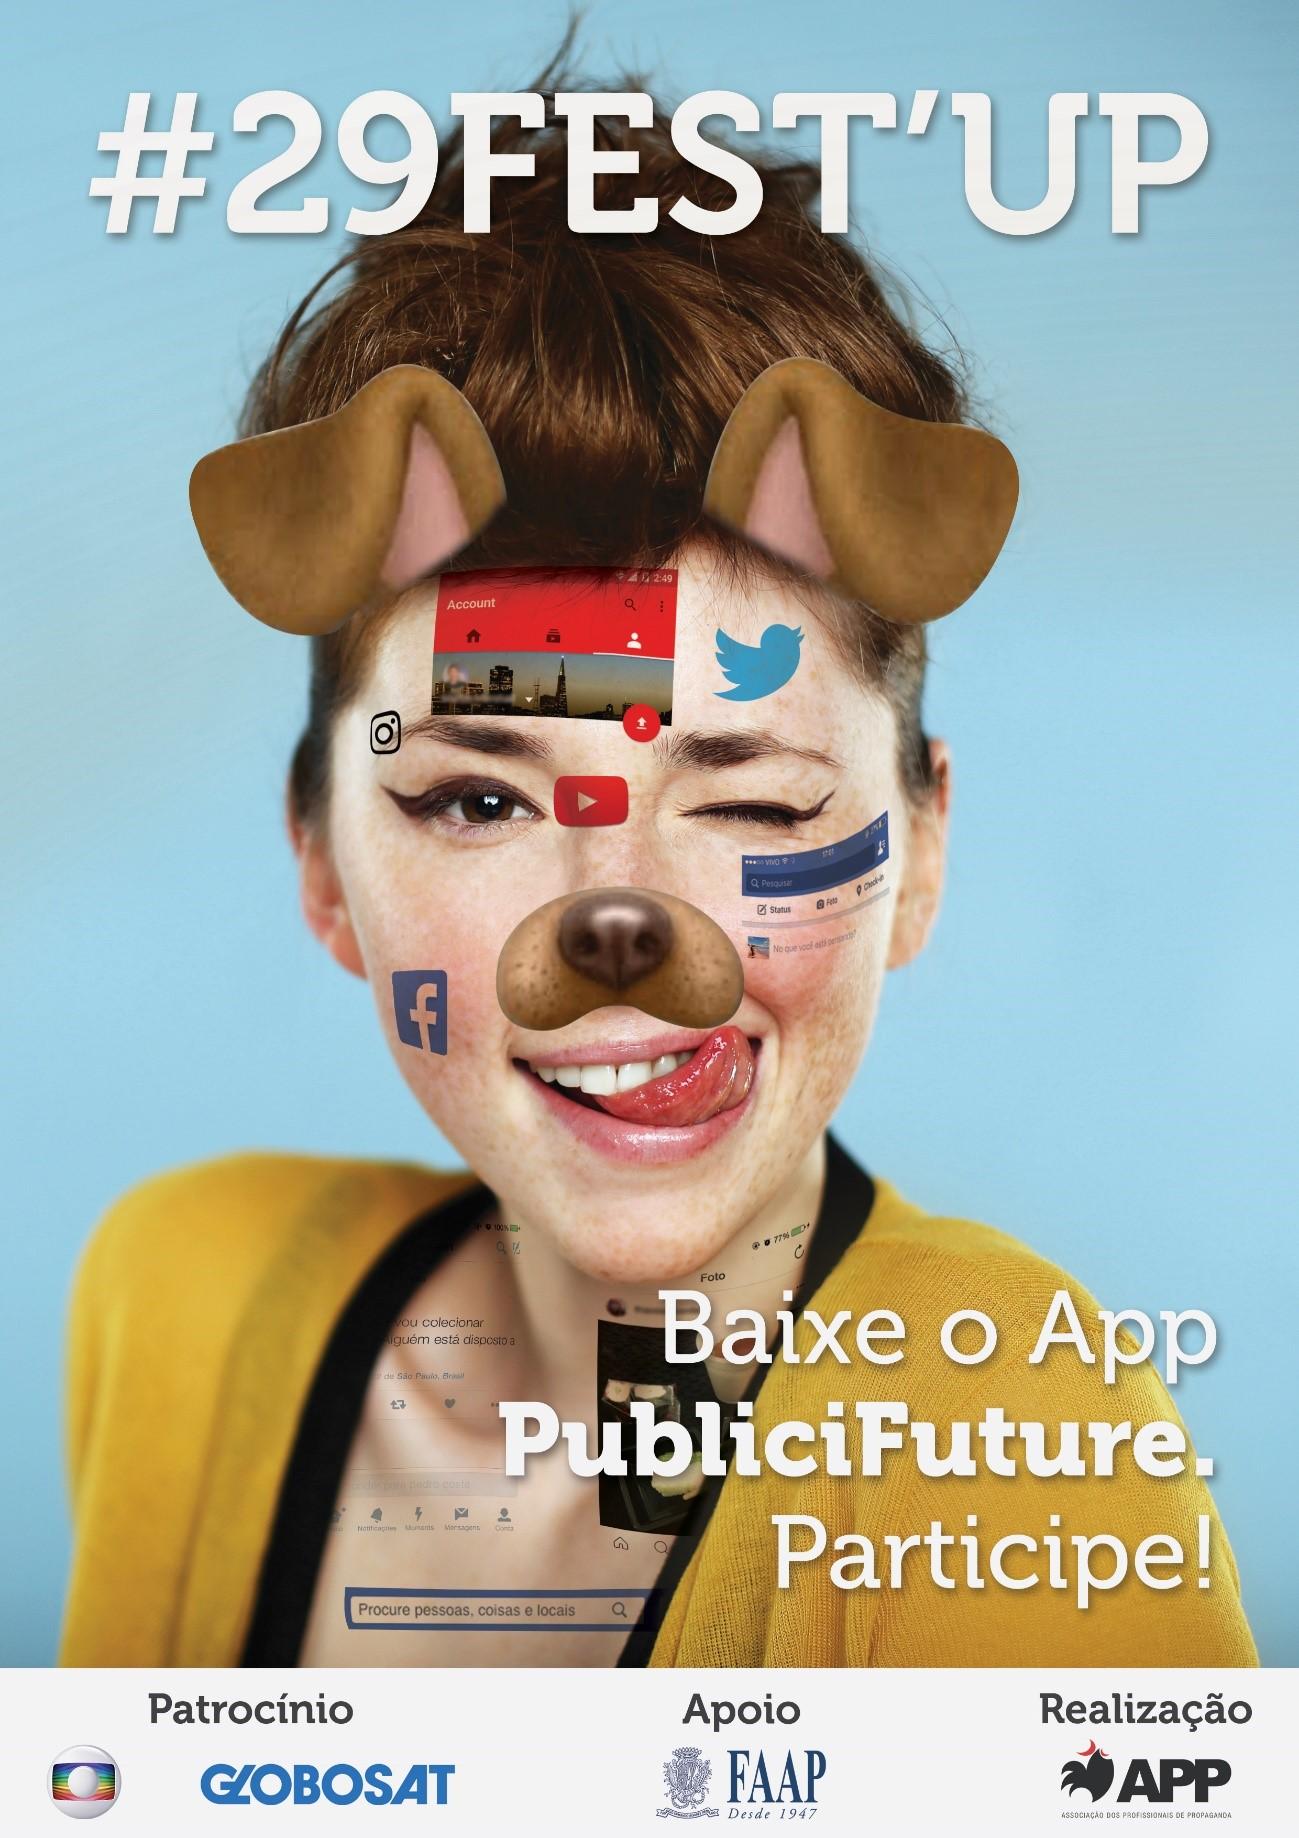 festup-fapcom-publicidade-app